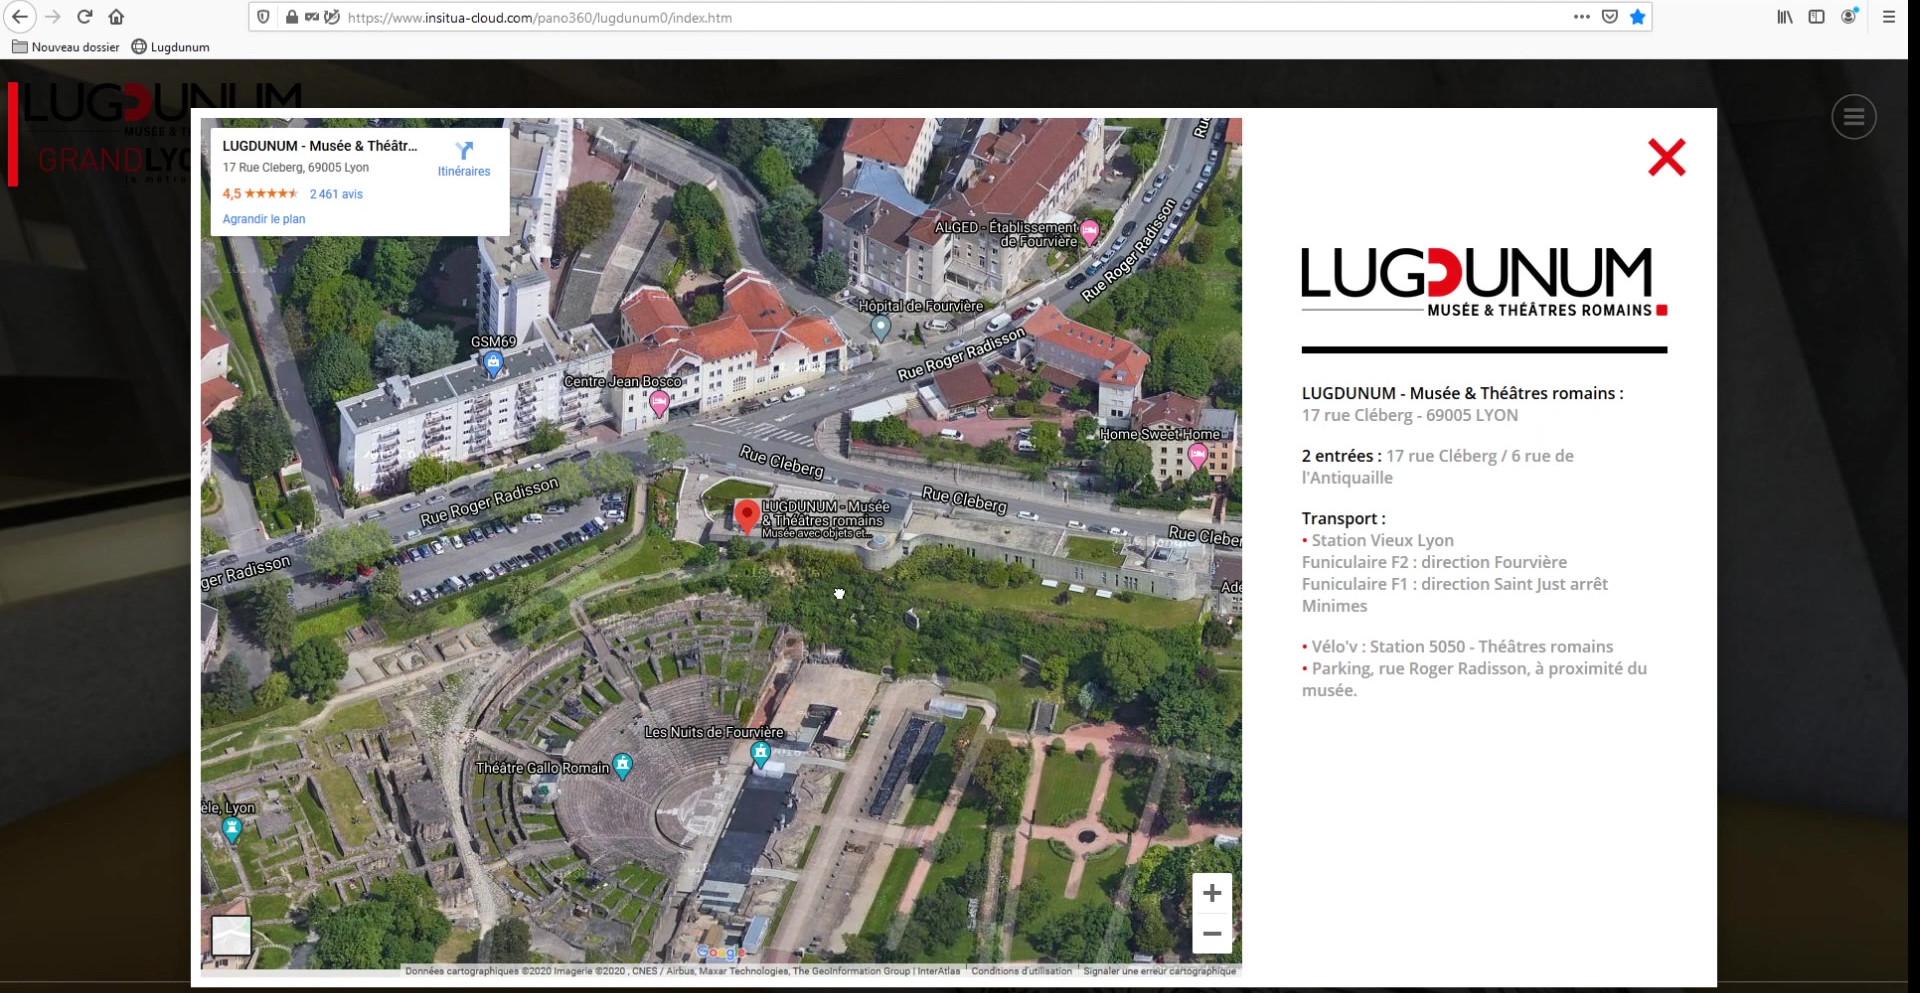 Lugdunum_appli360.mp4